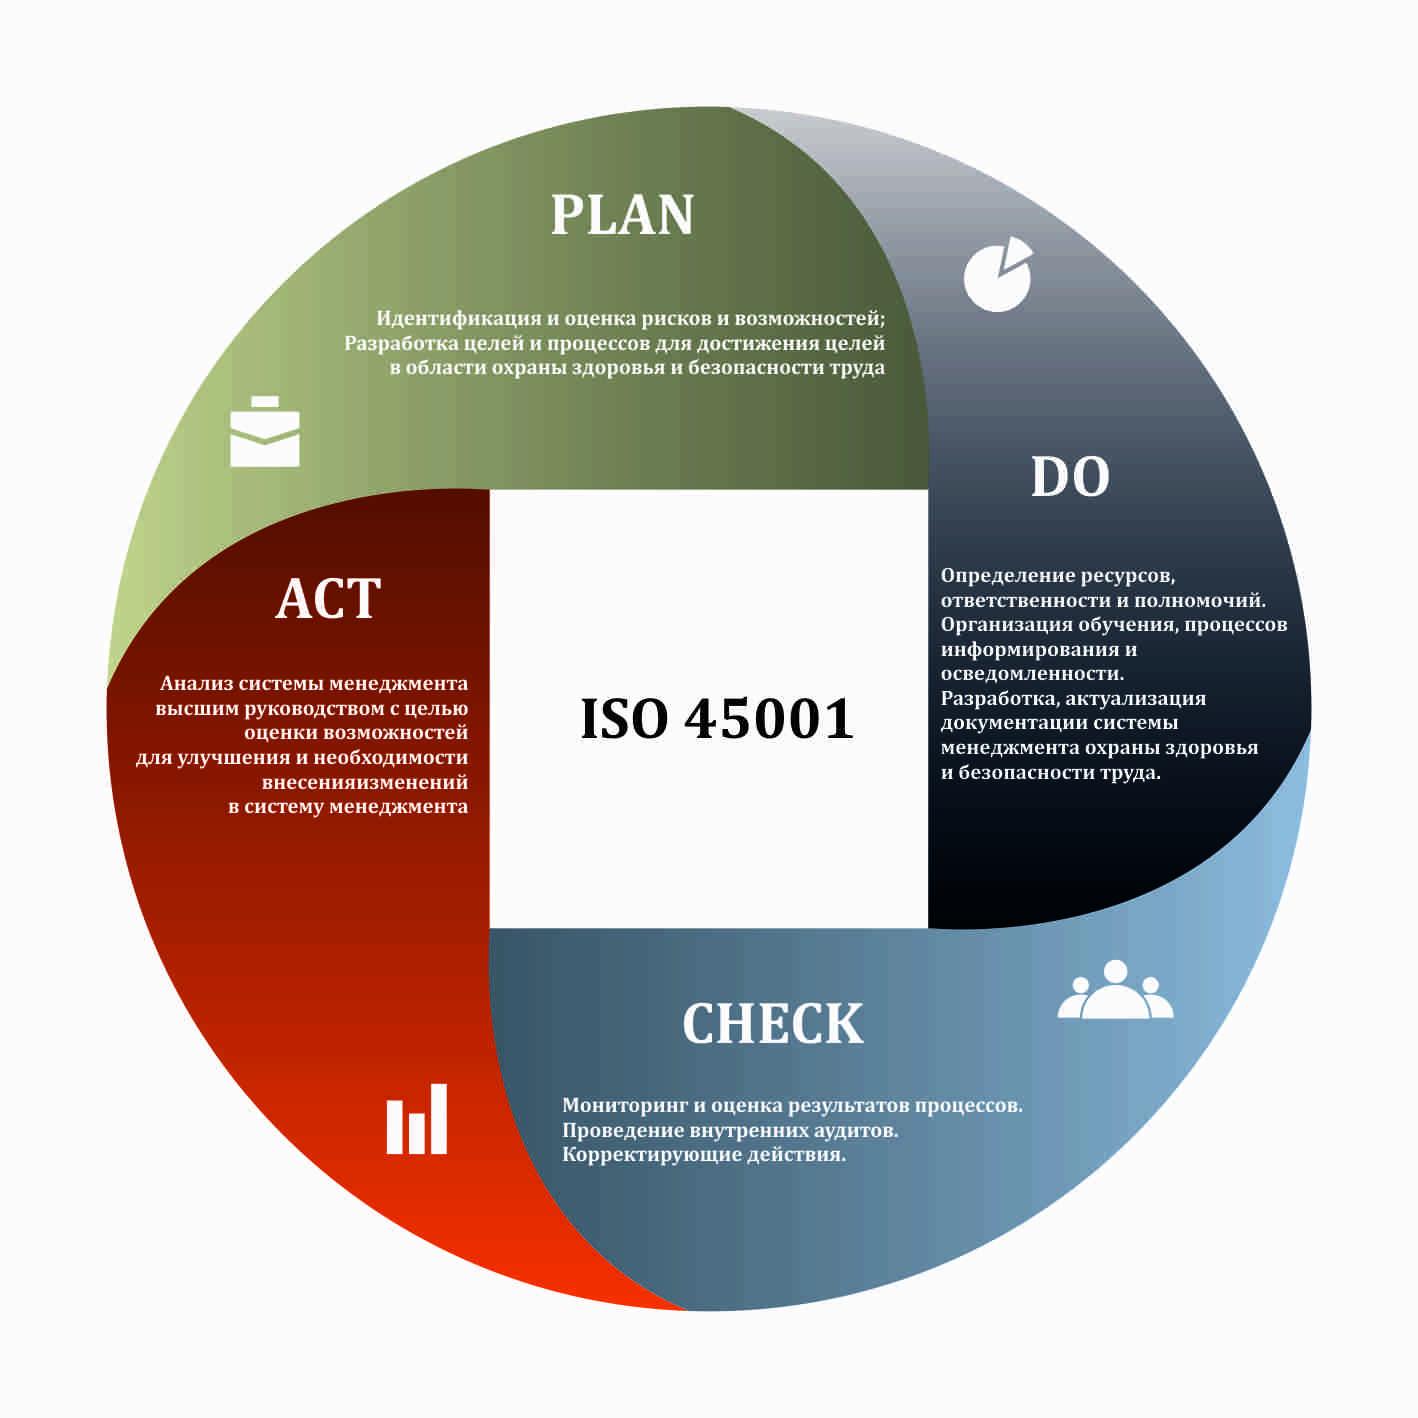 Разработать ISO 45001, переход с OHSAS на ISO 45001, СМОТ, СМПБиЗ заказать, СУОТ